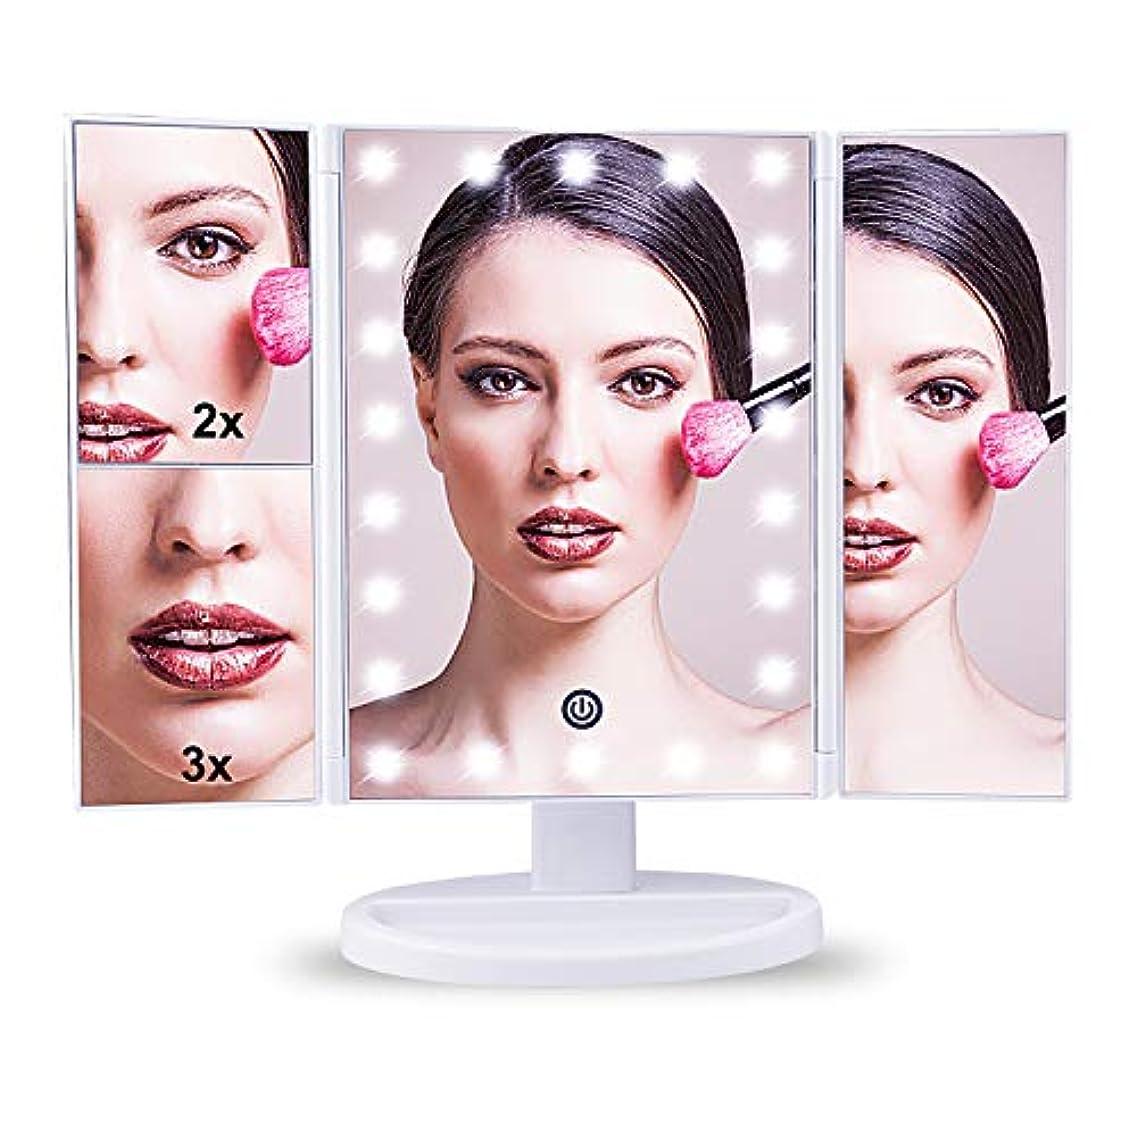 接地即席静脈TREE.NB 化粧鏡化粧化粧台ミラーデスクトップミラー拡大鏡ミラー2倍&3倍拡大LEDライトミラー明るさ調整可能180°回転バッテリー&USB 2WAY給電